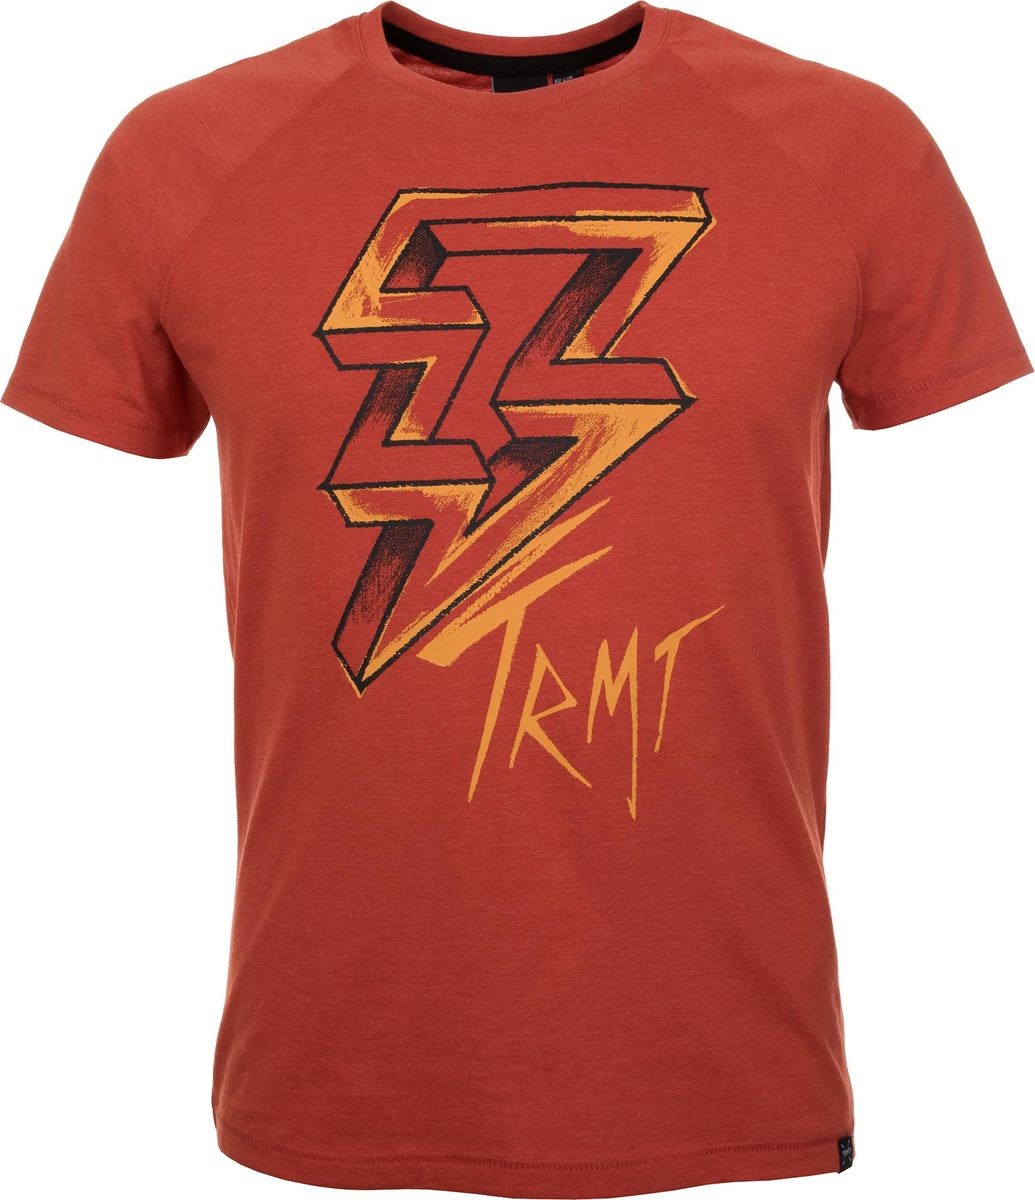 Футболка мужская Termit Men's T-Shirt, цвет: красный. A19ATETSM01-R2. Размер XL (52) termit покрытие для скейтборда termit